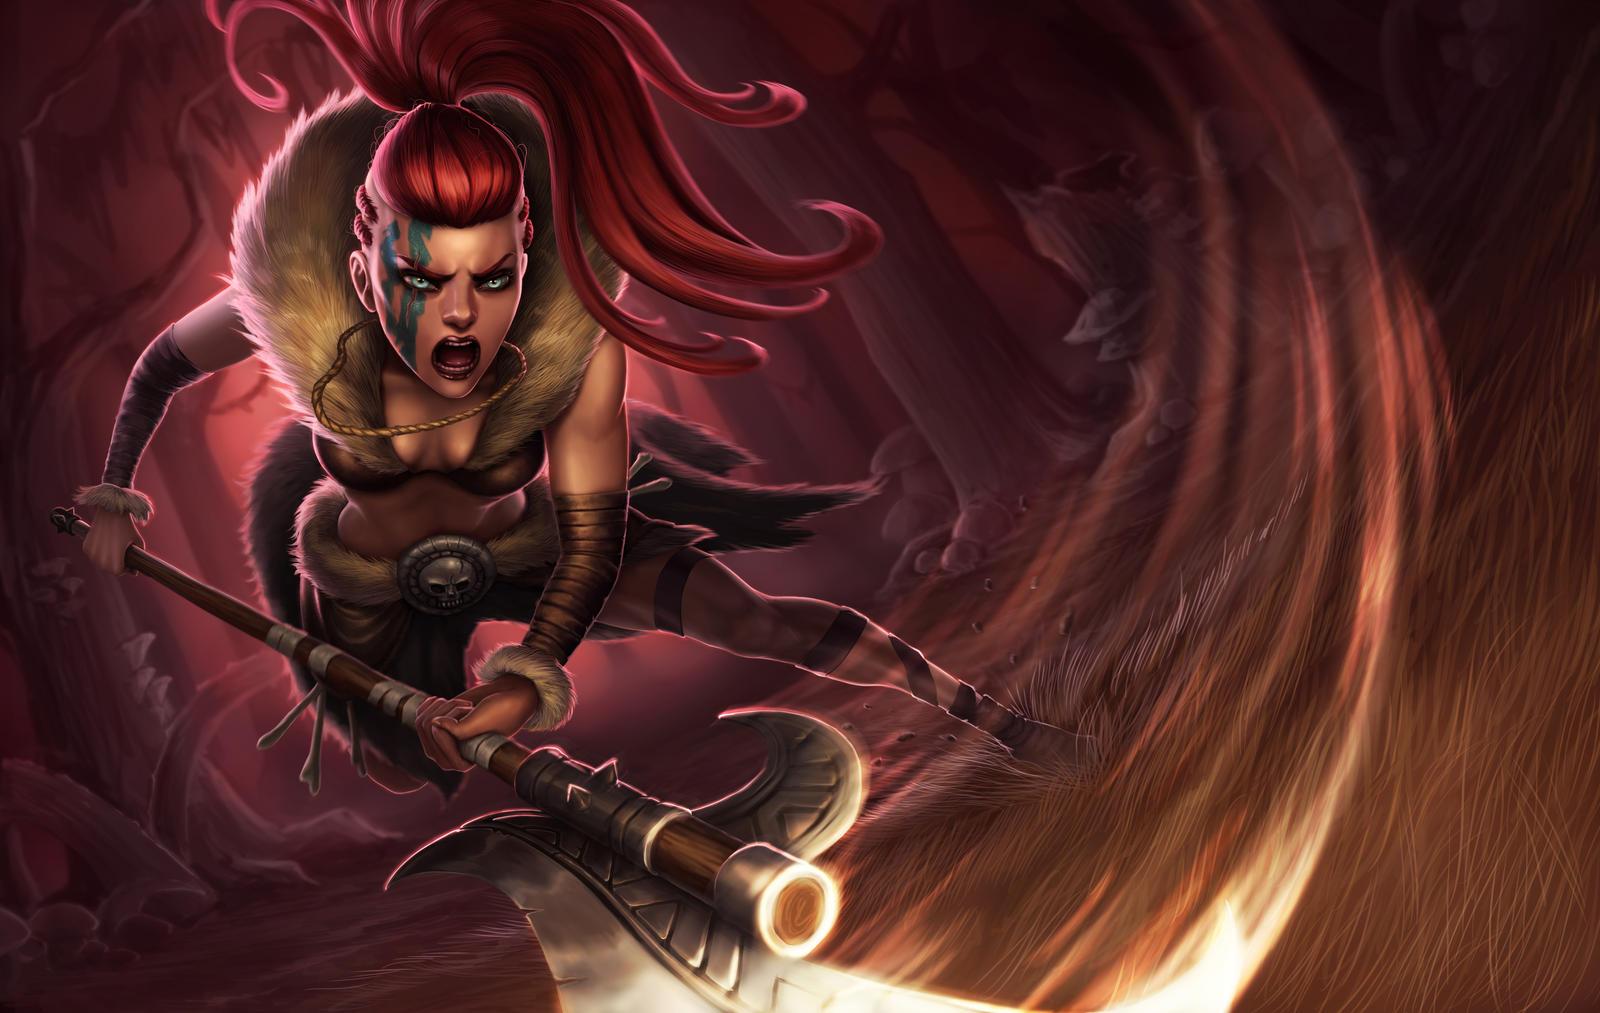 Darkest Dungeon Hellion By Dominaart On Deviantart